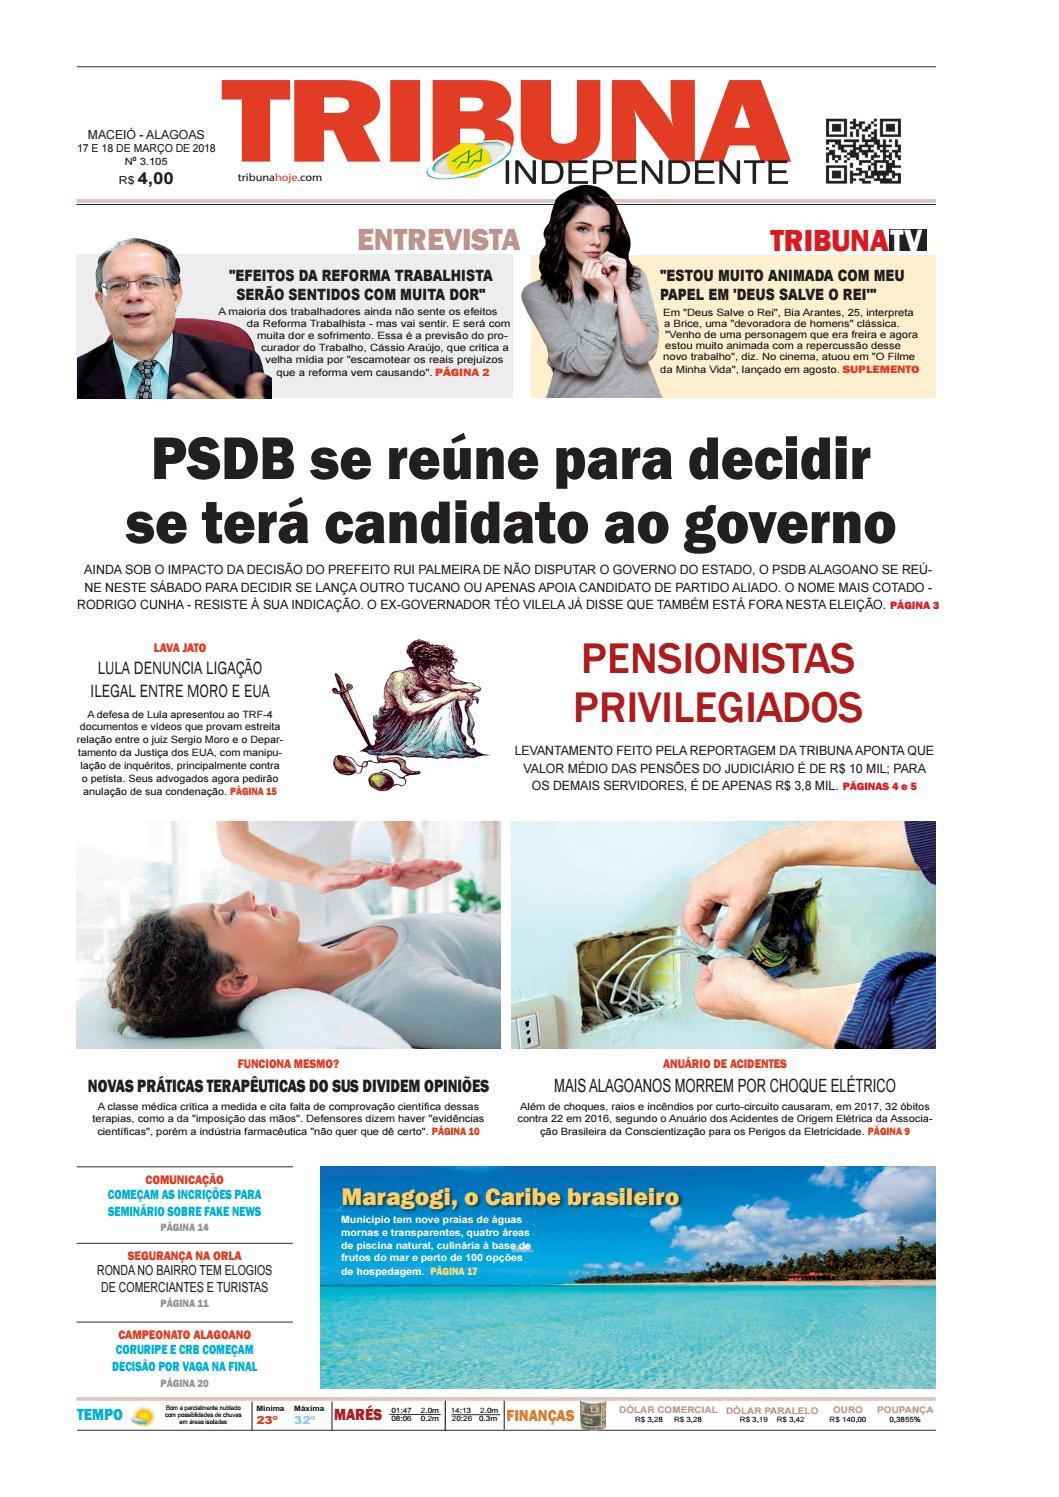 6d18c5db376 Edição número 3105 - 17 e 18 de março de 2018 by Tribuna Hoje - issuu